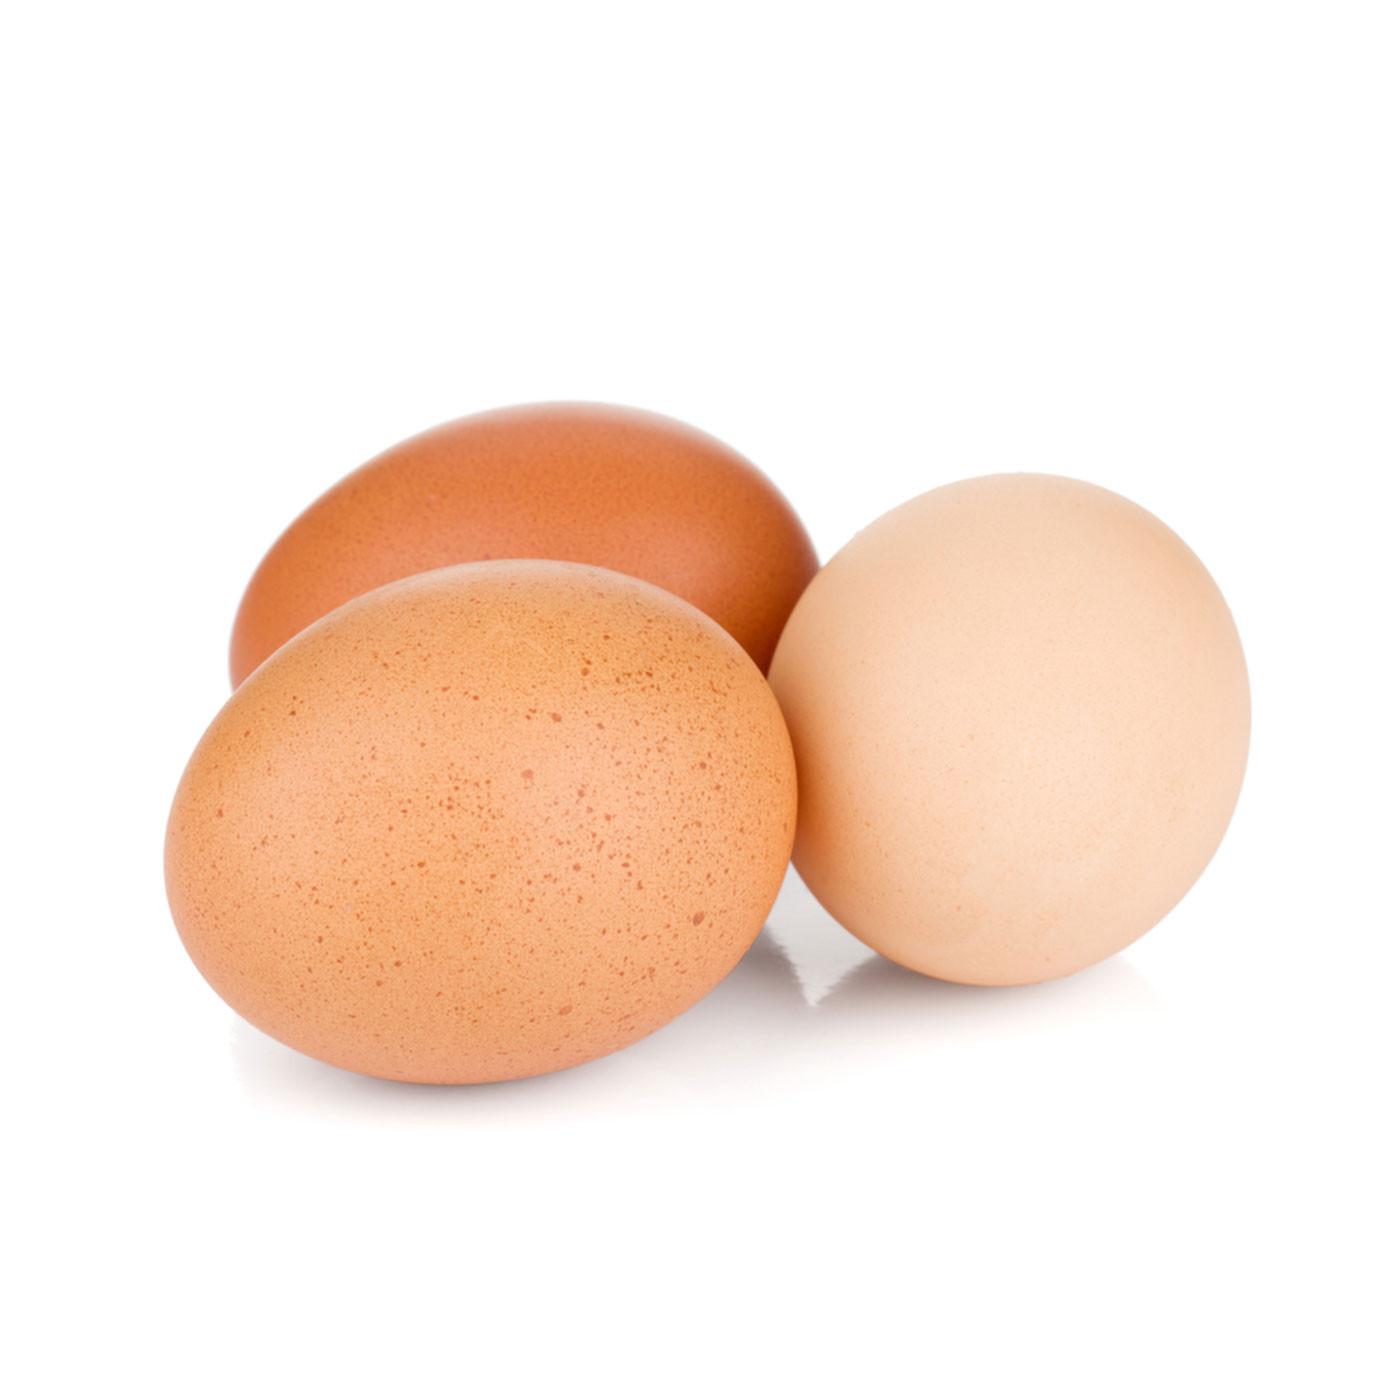 Αυγά ελευθέρας βοσκής Βαρνάβα